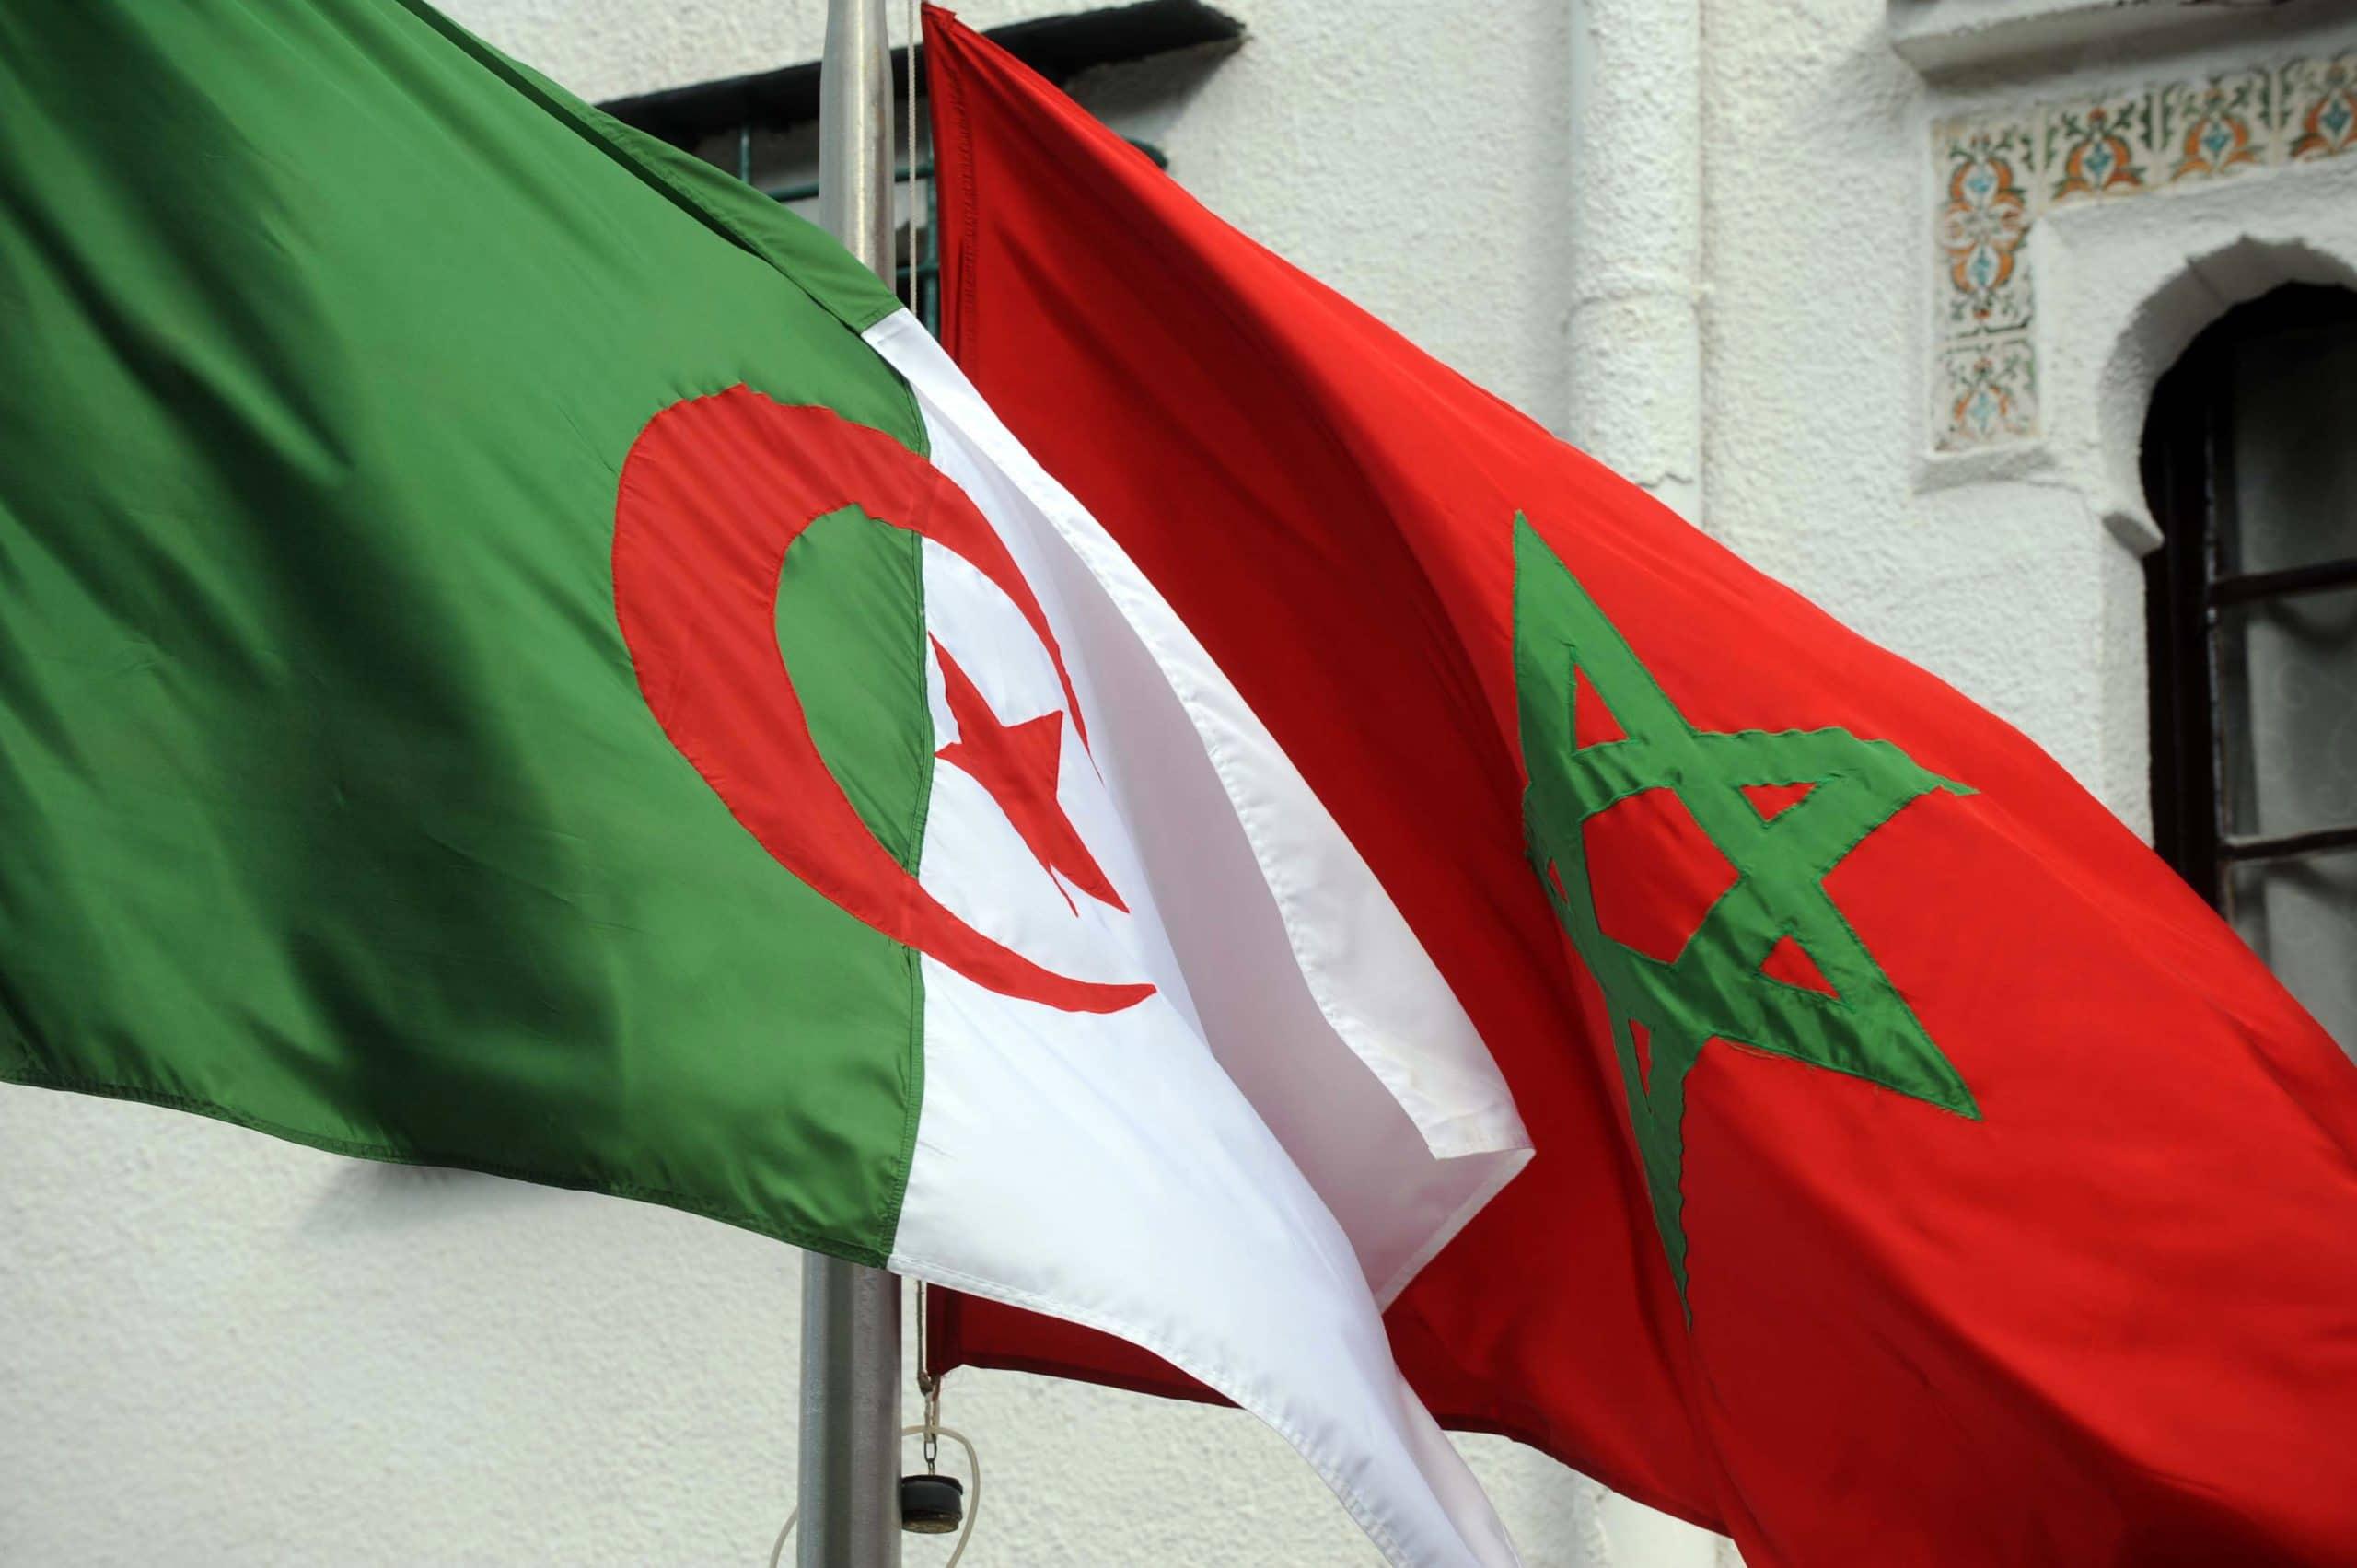 القشة التي قسمت ظهر البعير.. تقرير يكشف ما وراء الكواليس بأزمة المغرب والجزائر